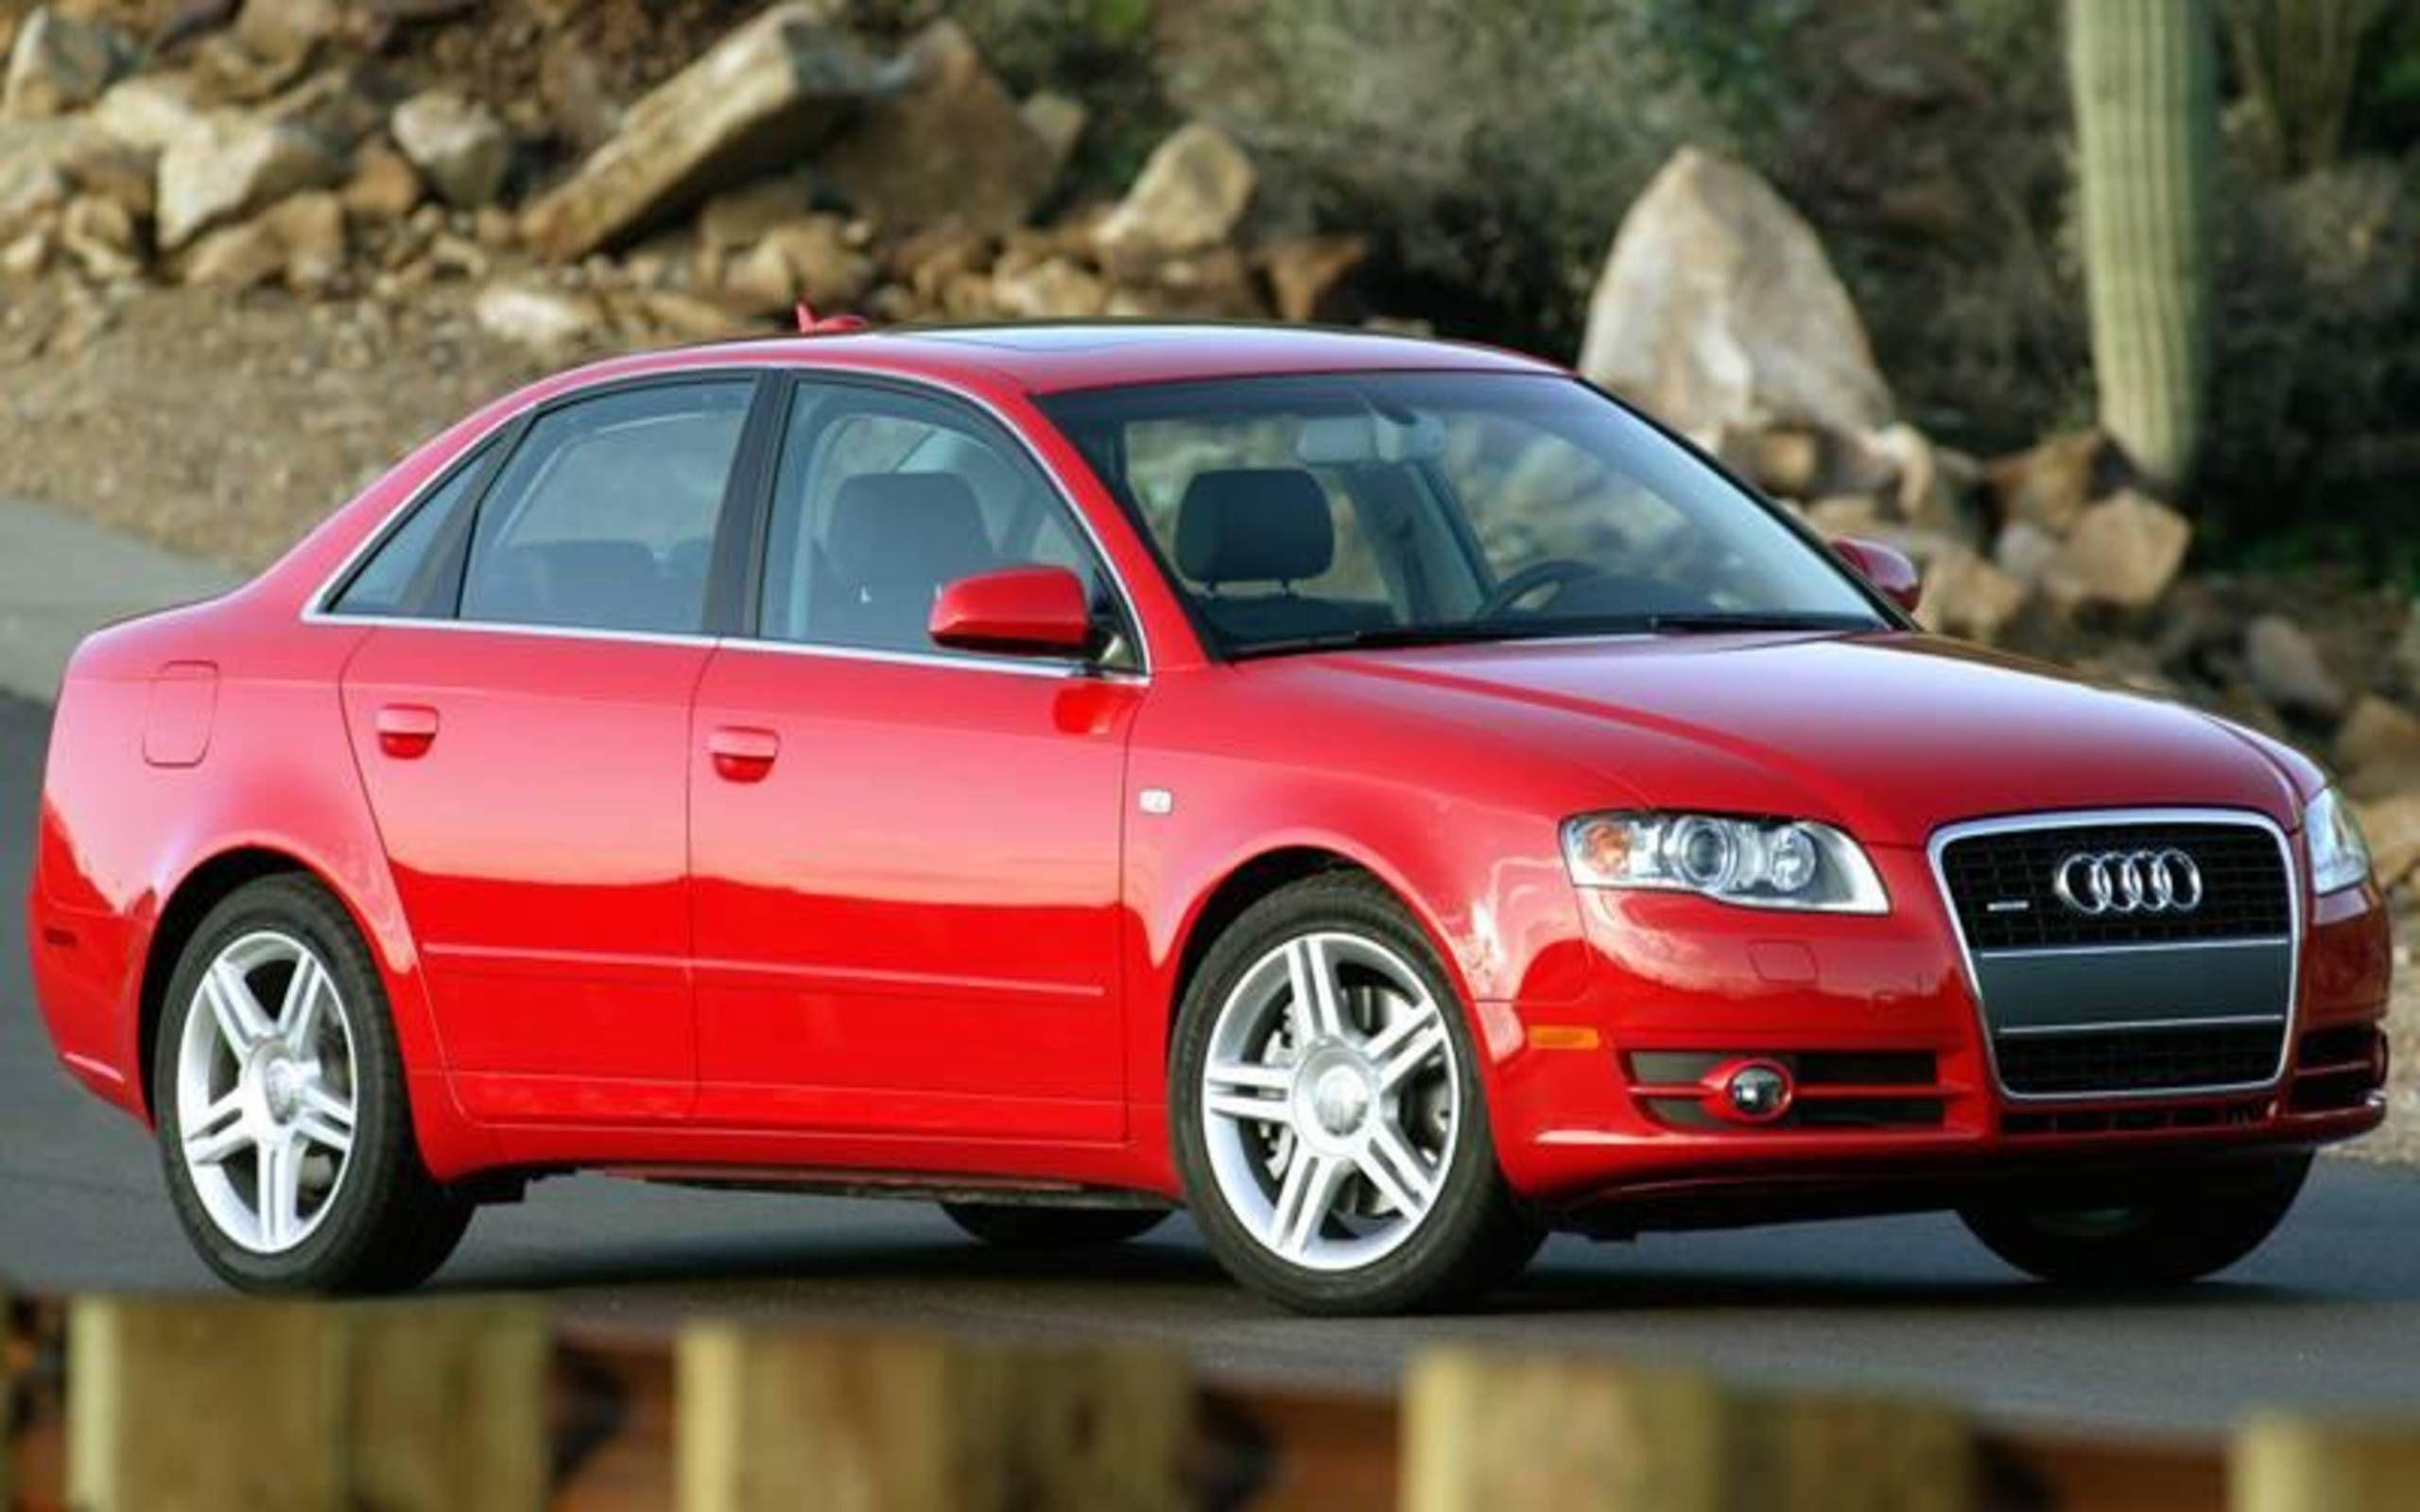 Kelebihan Kekurangan Audi A4 3.2 Fsi Tangguh